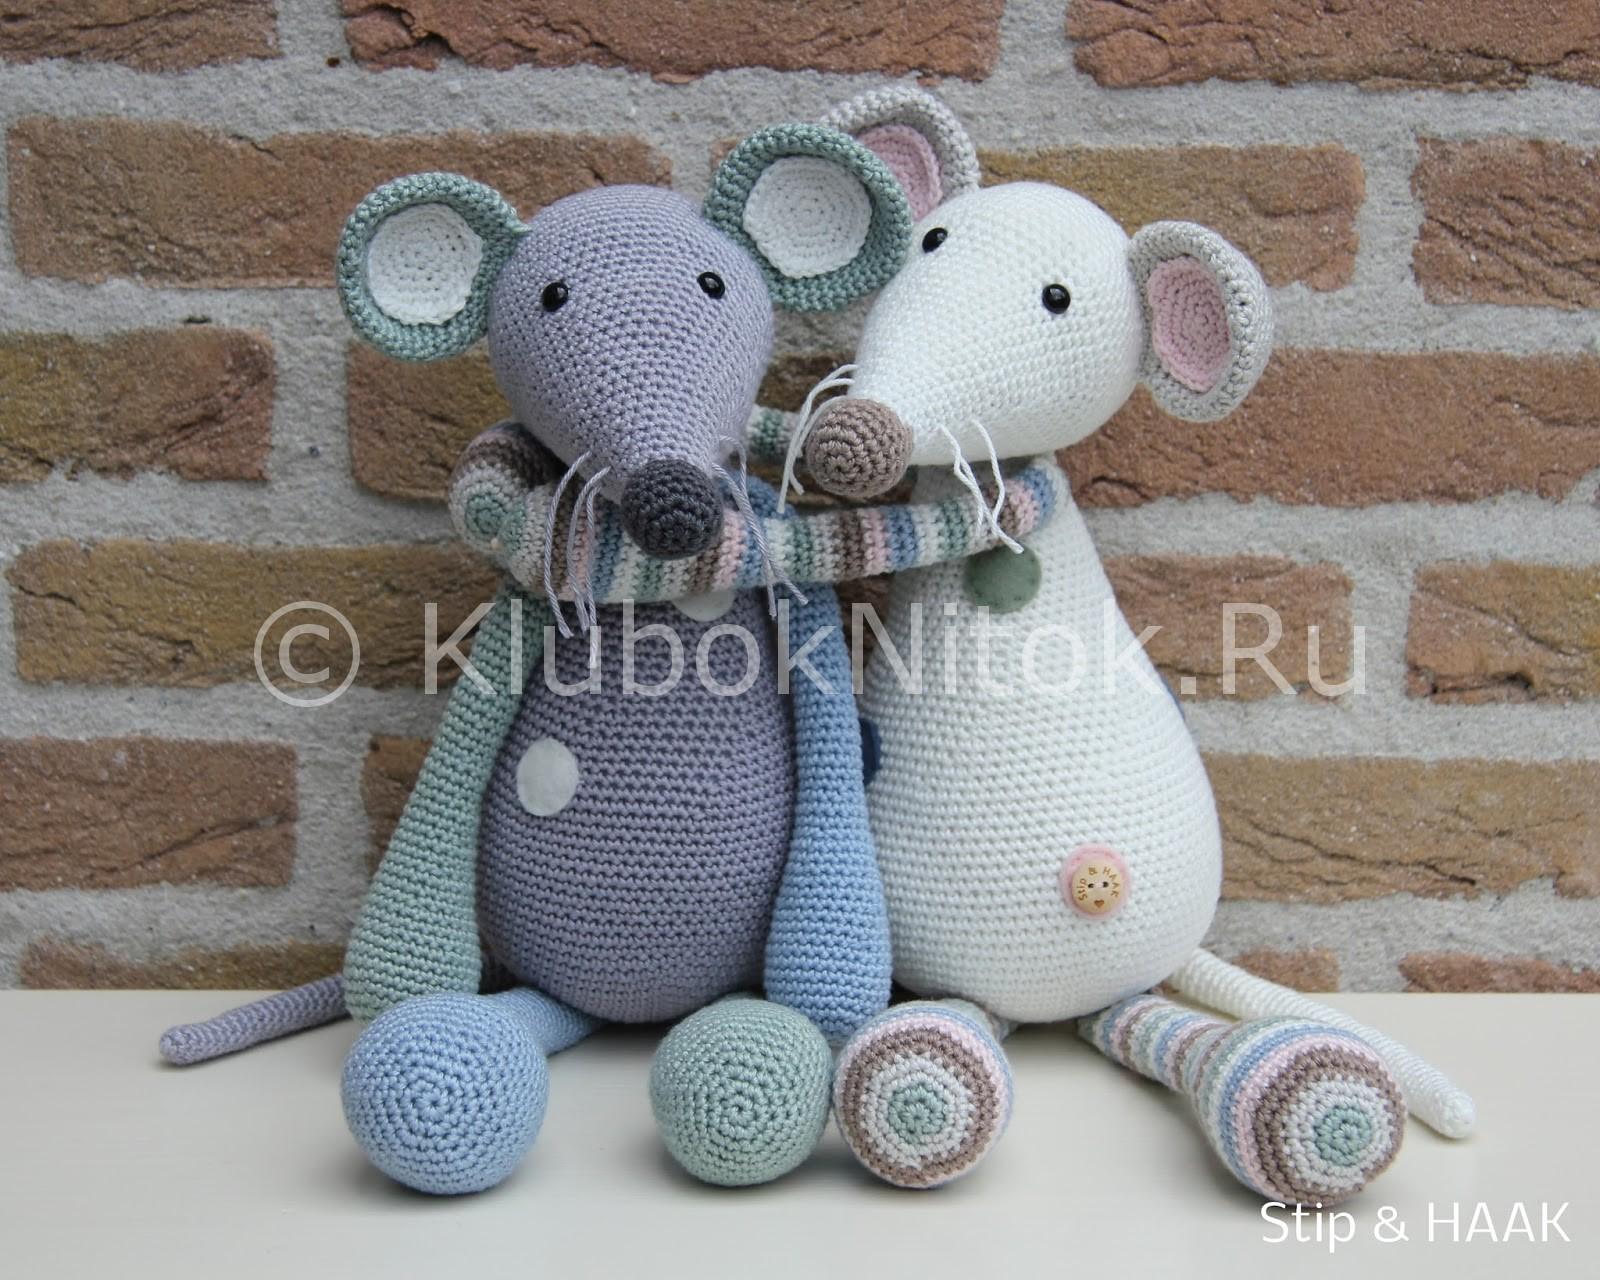 мышка крючком вязание для детей вязание спицами и крючком схемы